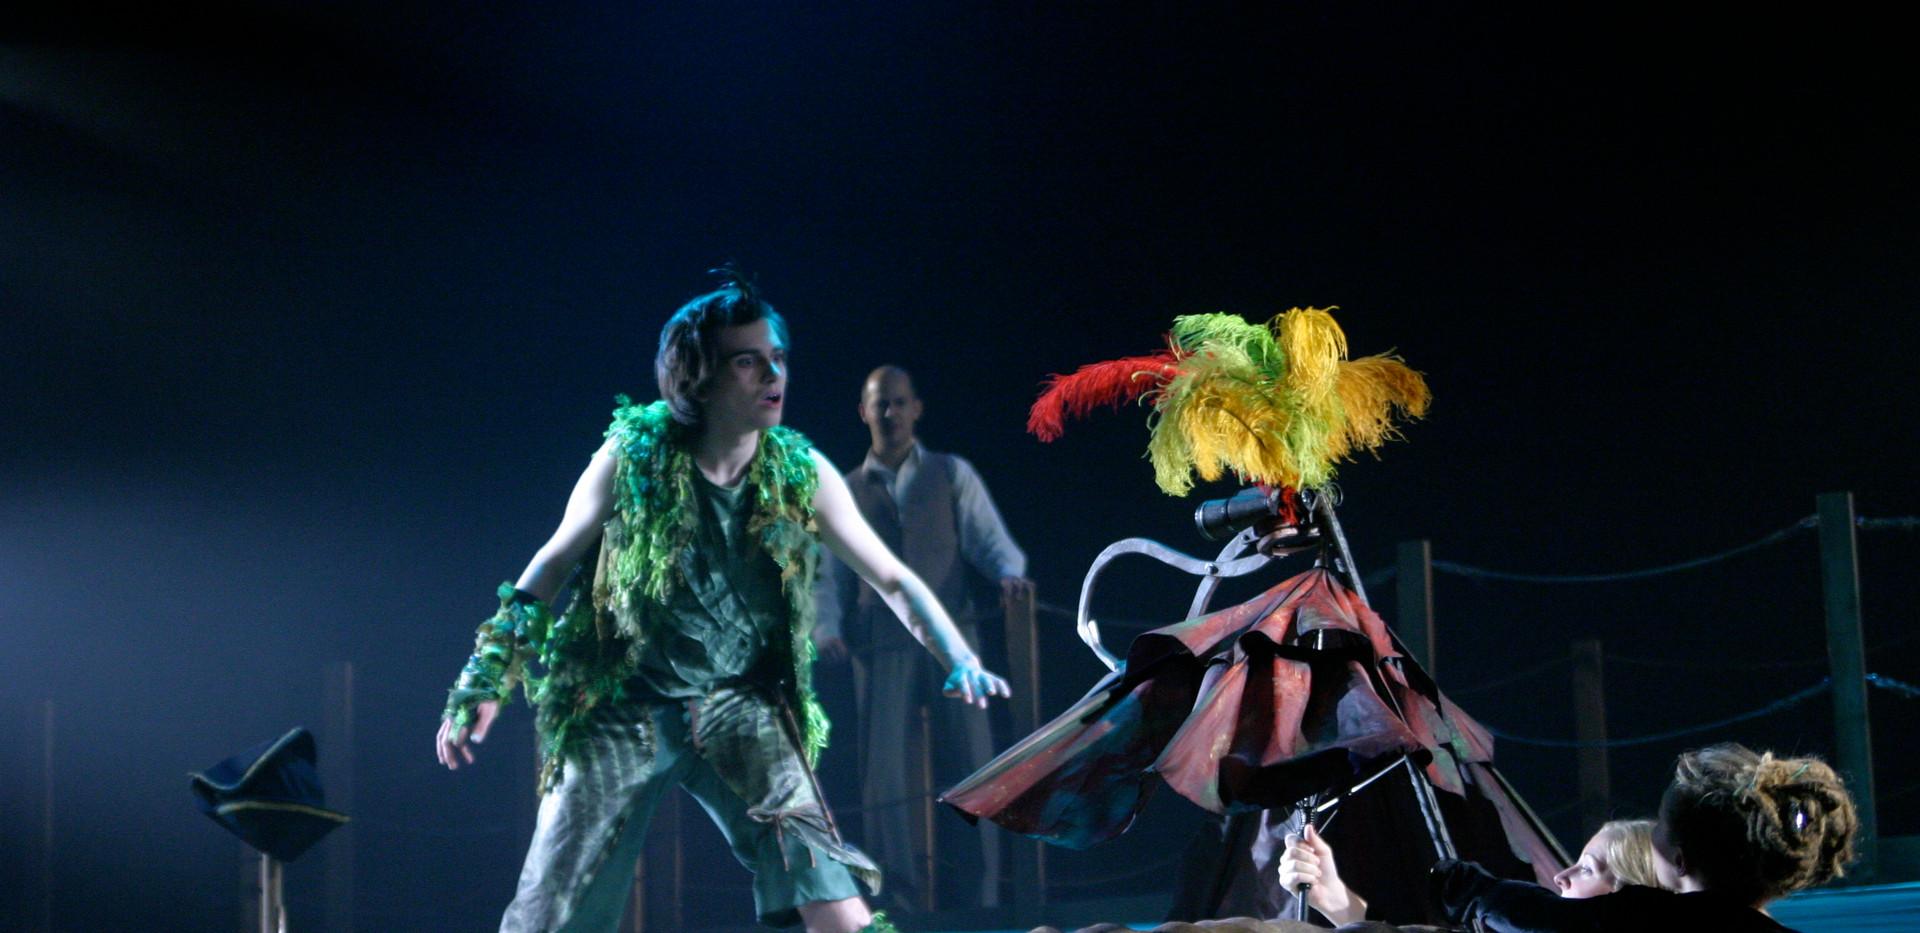 Peter Pan with Never Bird